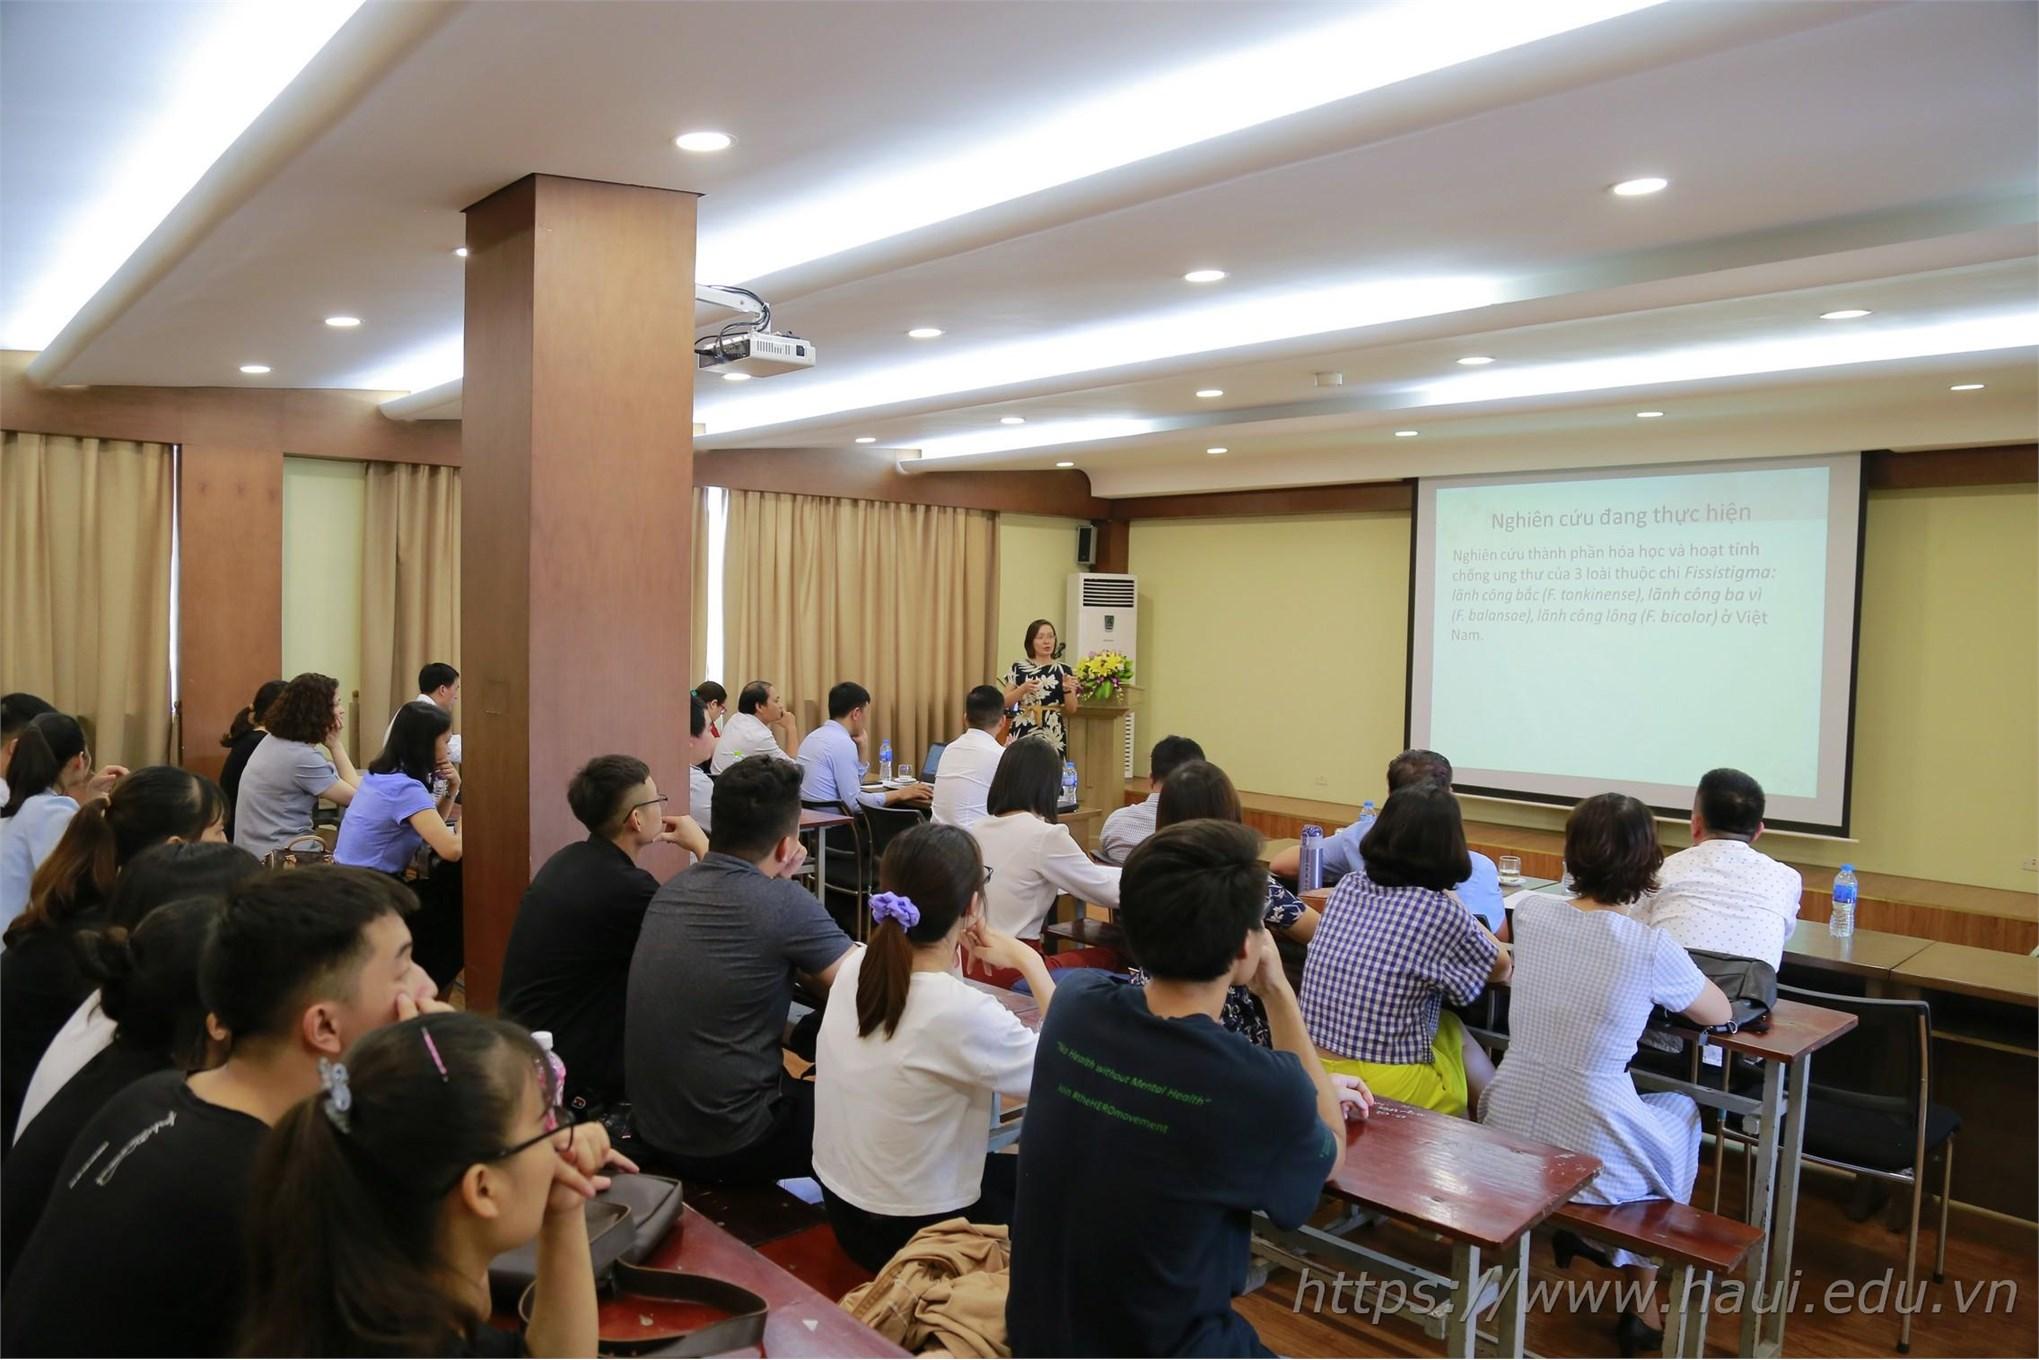 PGS.TS. Phạm Thị Thắm trình bày báo cáo tại Hội nghị khoa học Khoa Công nghệ Hóa